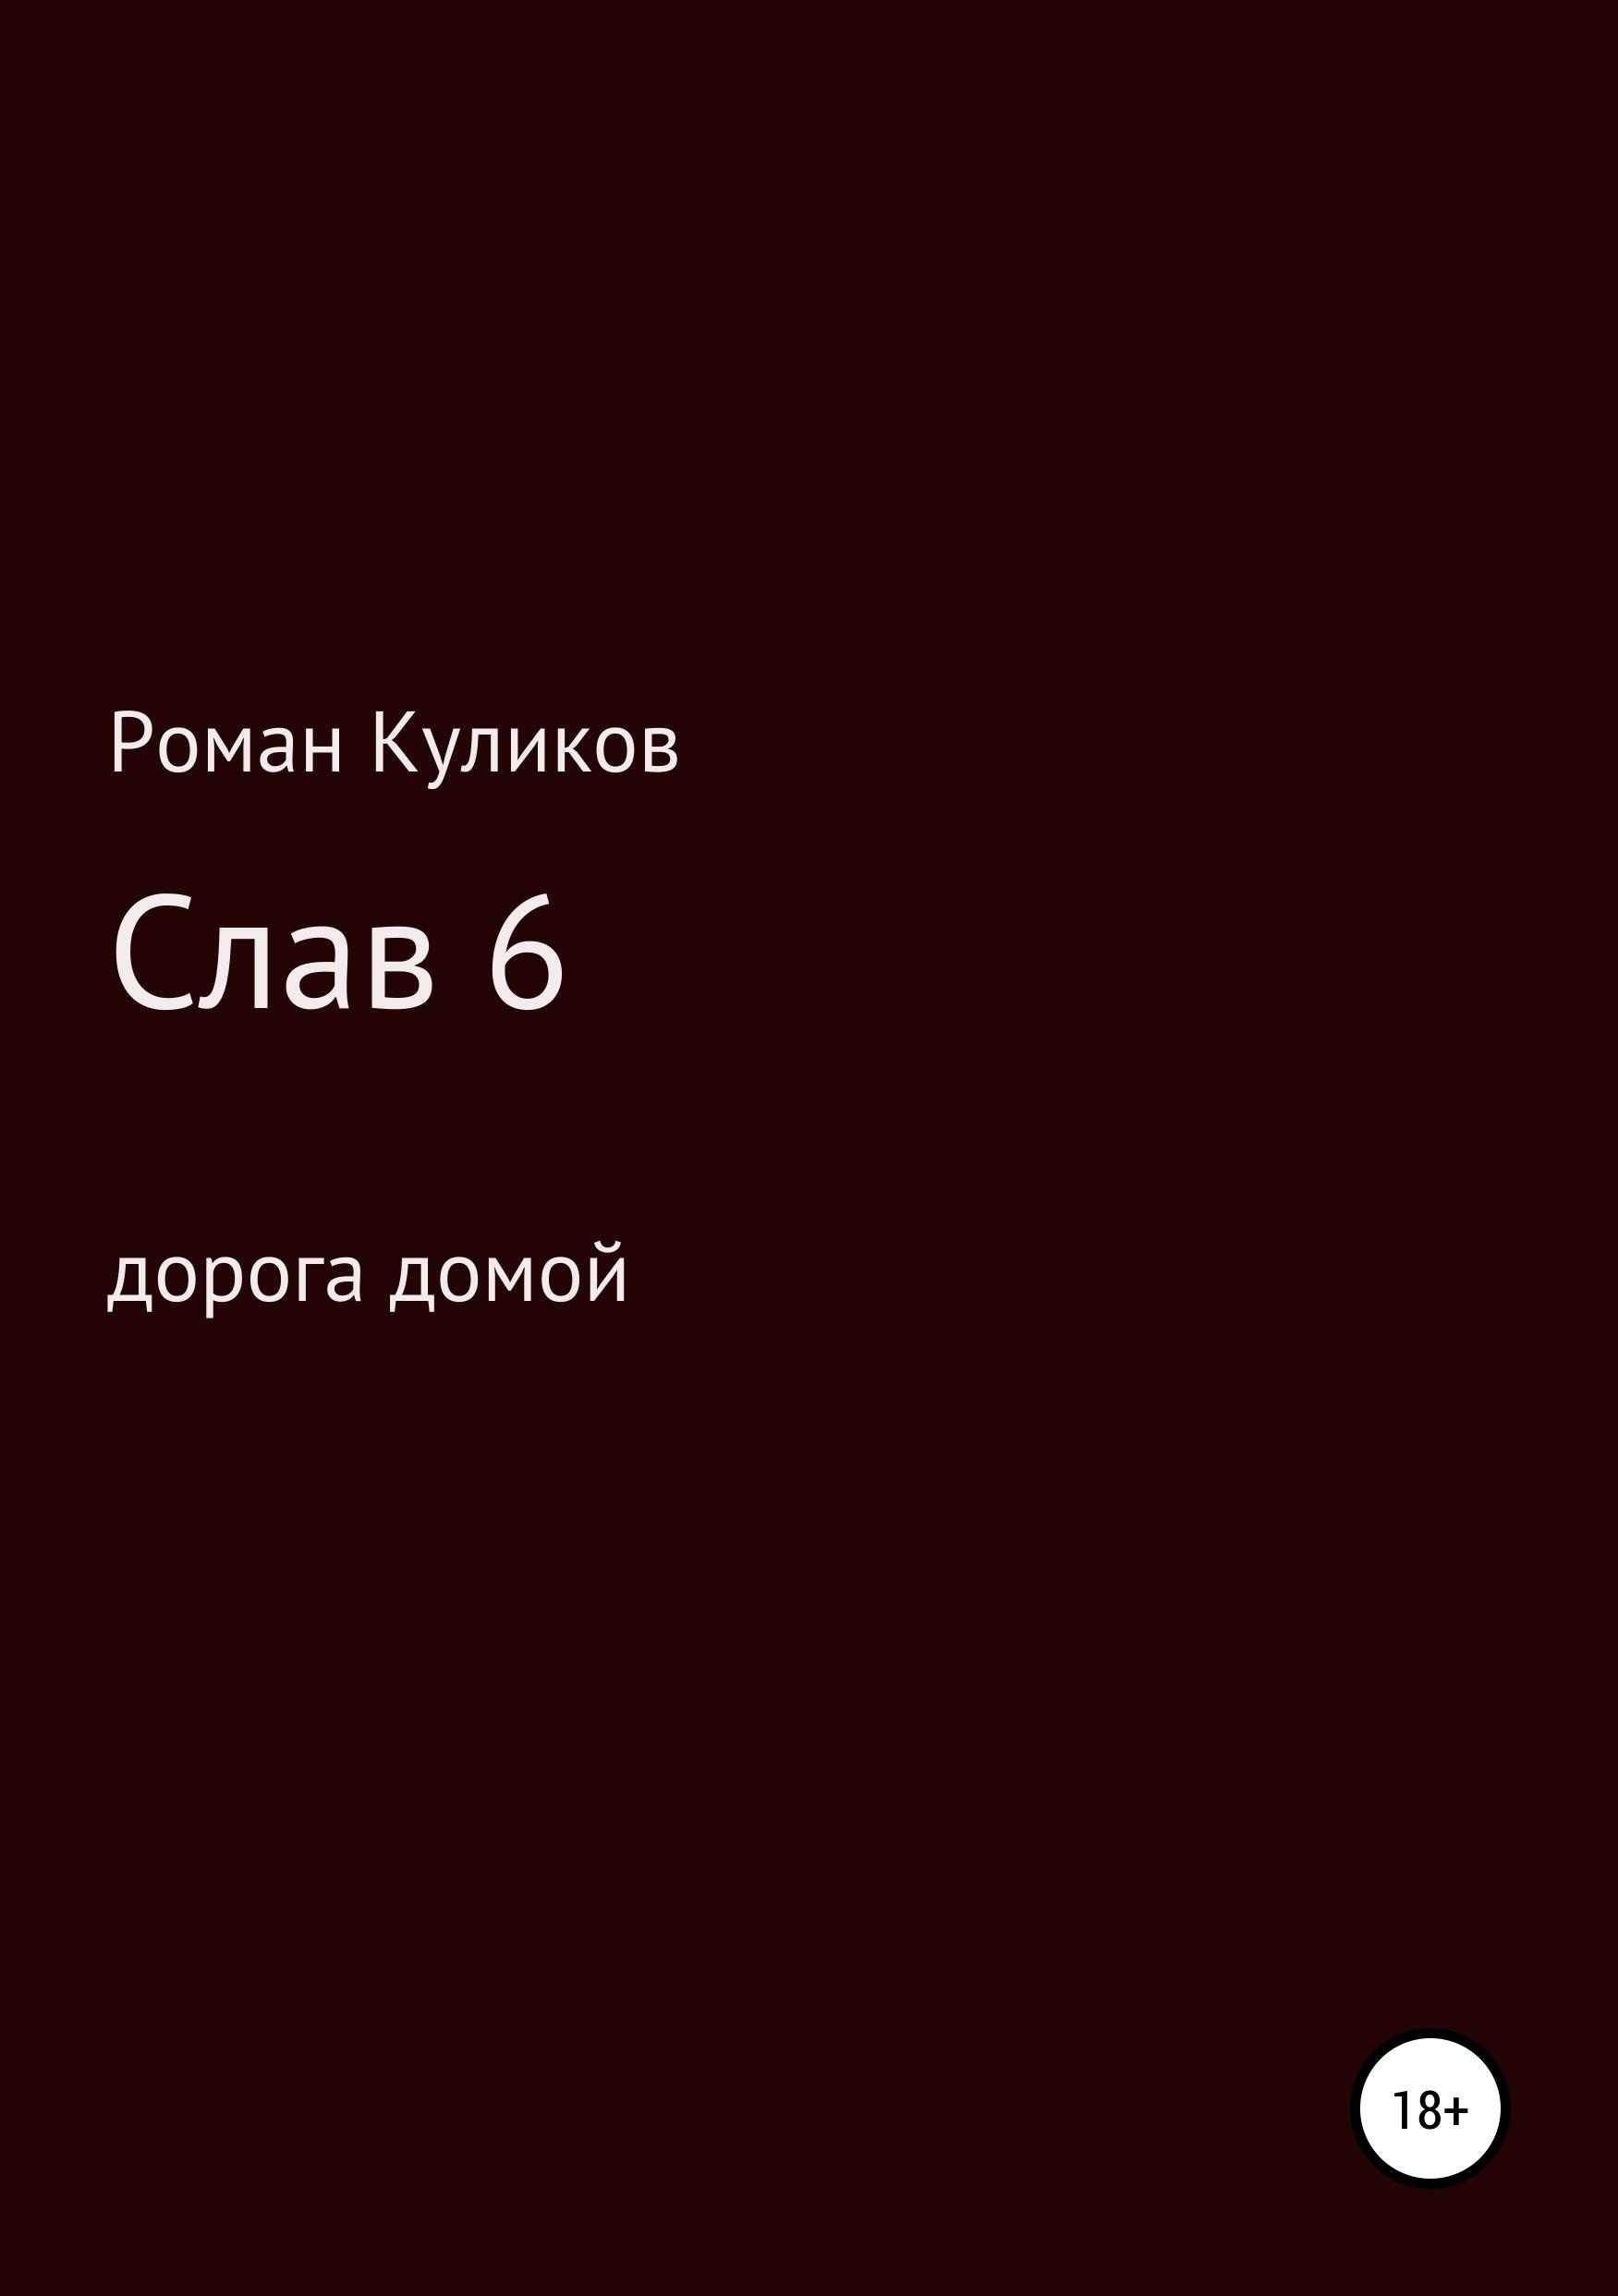 Слав 6. Дорога домой